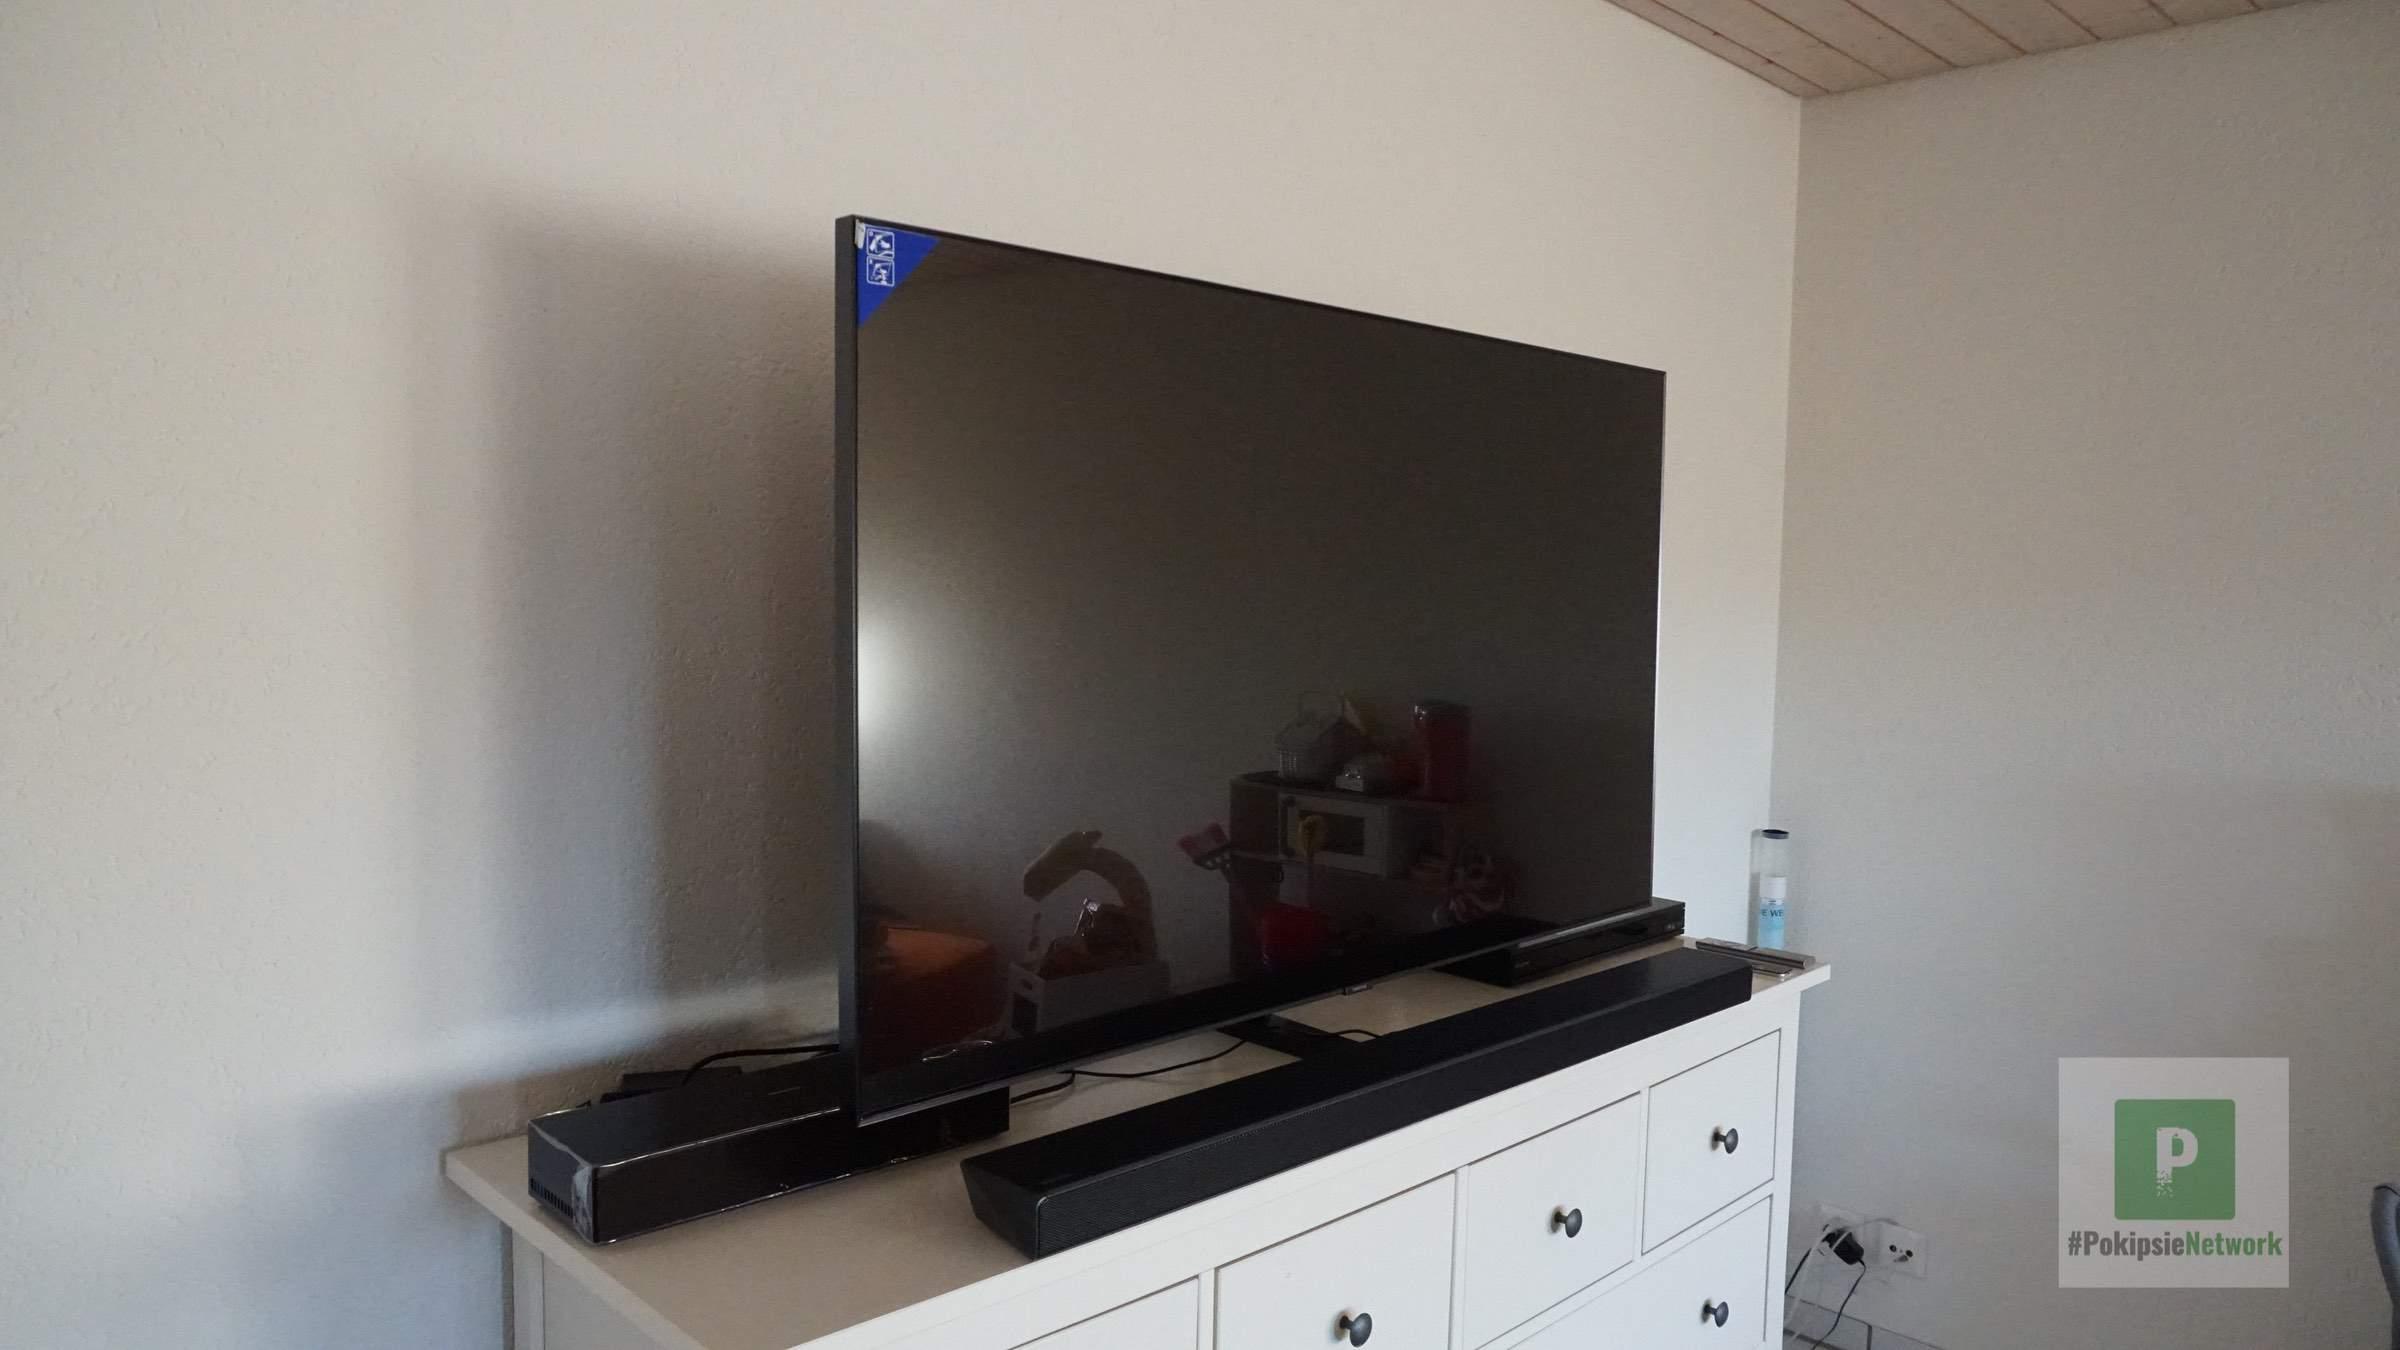 Der Fernseher, der Receiver und die Soundbar